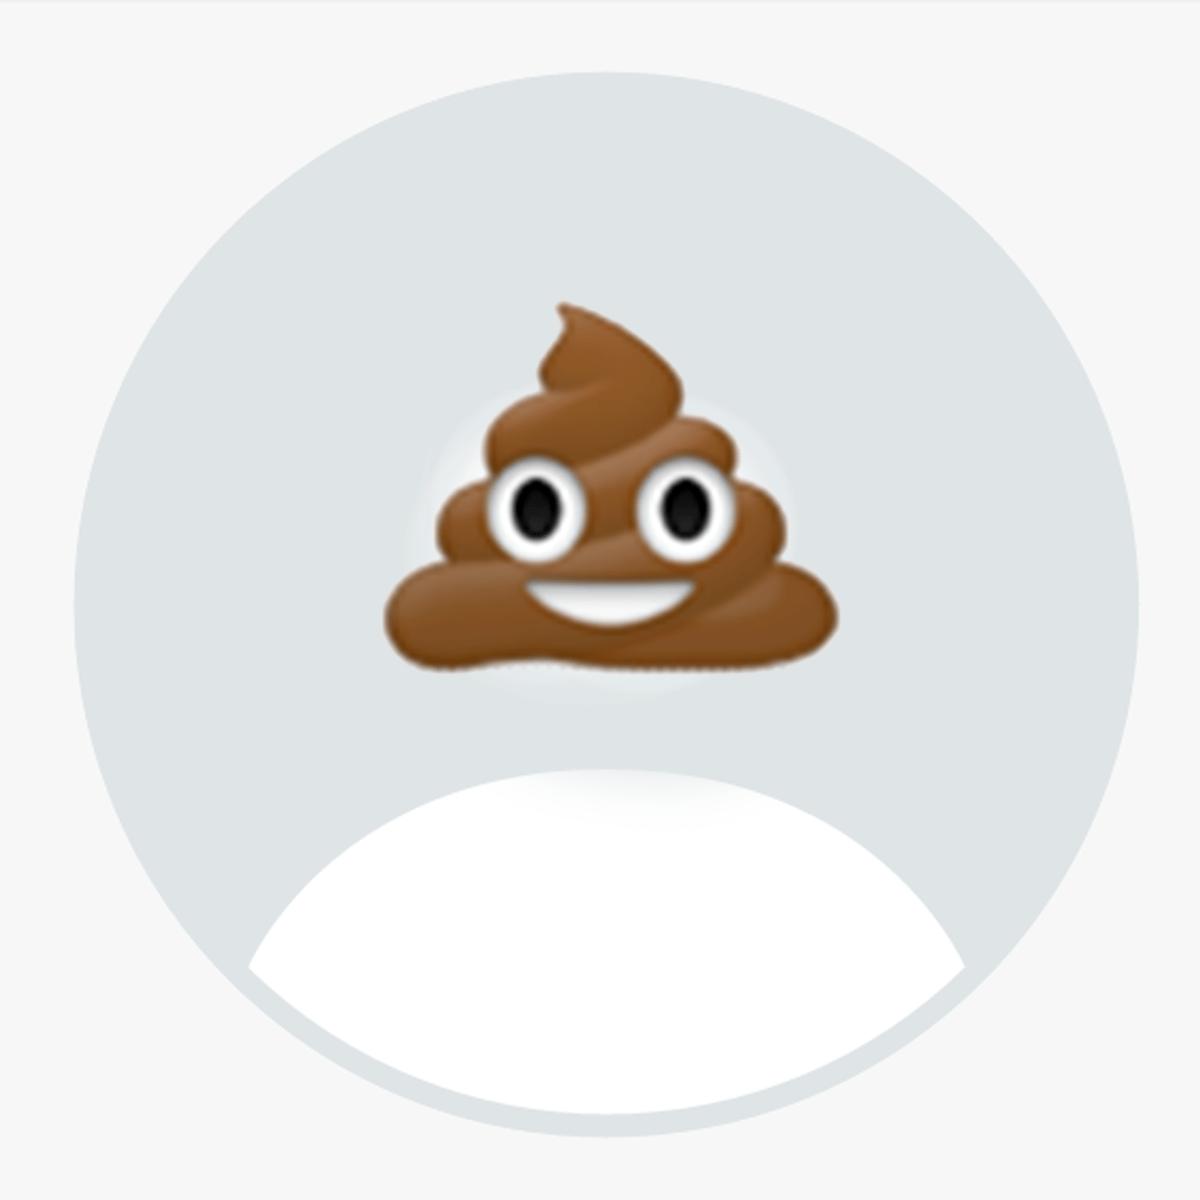 Lustige Profilbilder Fur Whatsapp Facebook Und Co